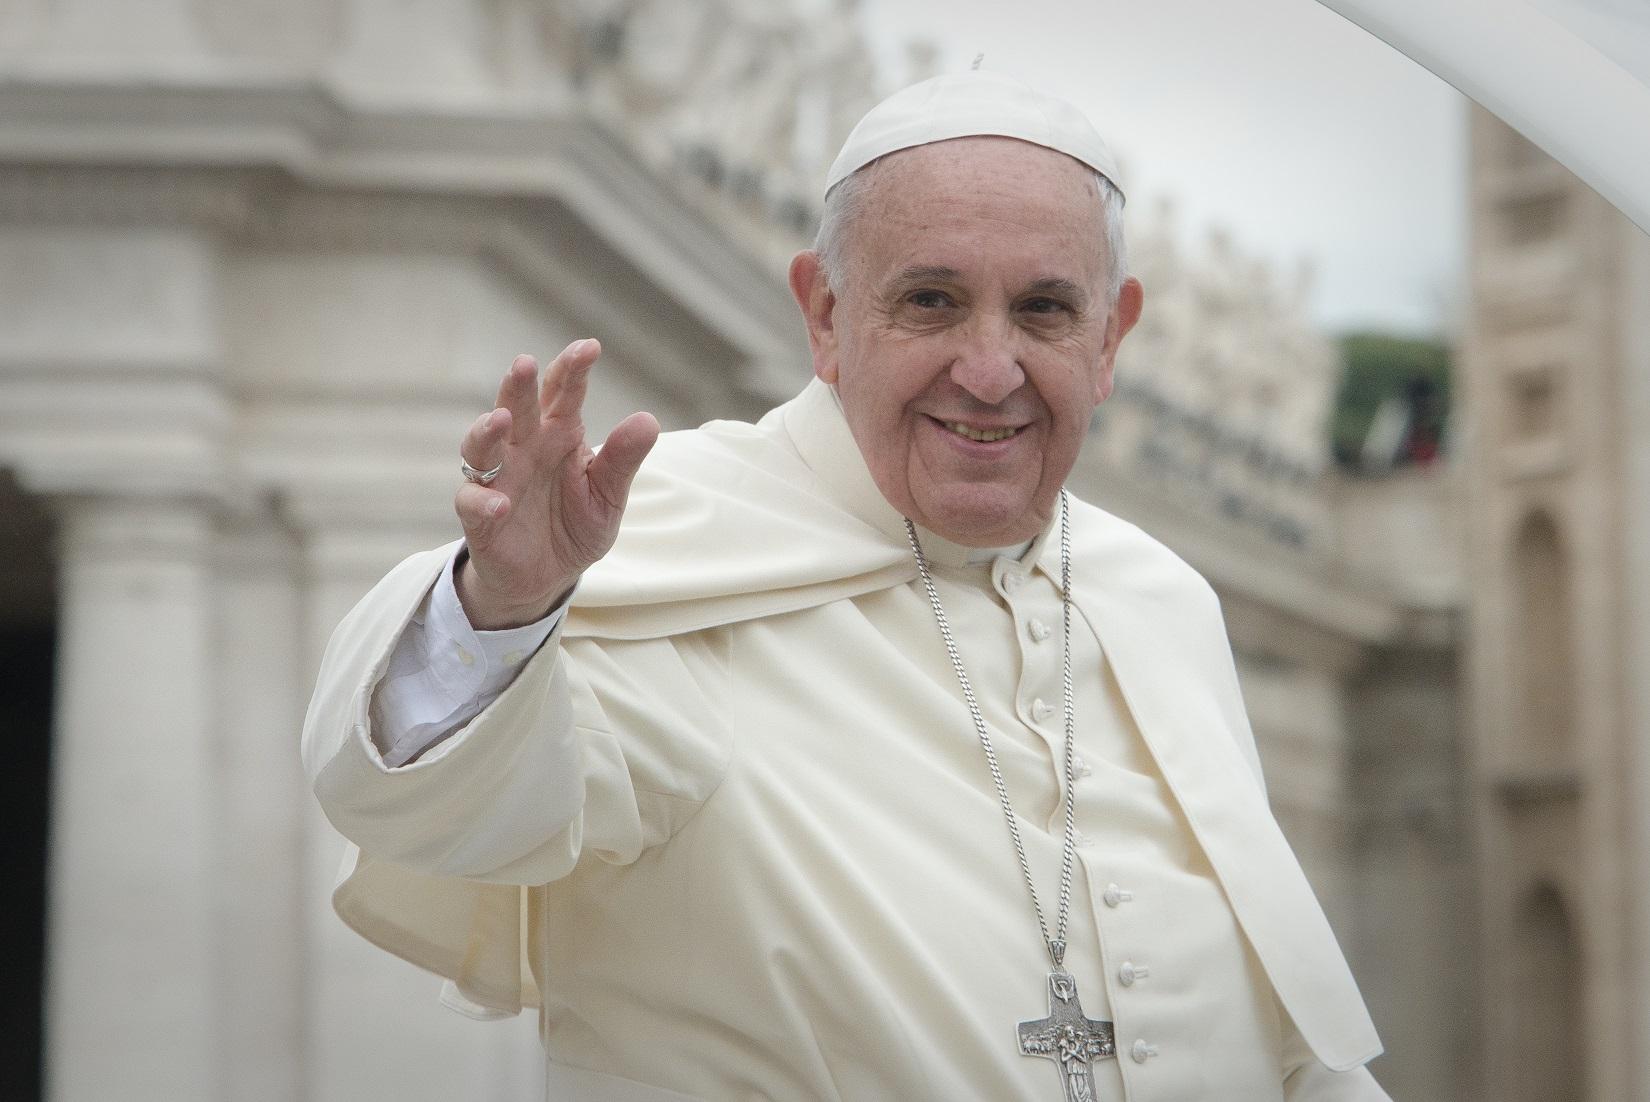 """W końcu przełom w Watykanie? Franciszek znosi """"papieską tajemnicę"""" ws. nadużyć seksualnych księży"""